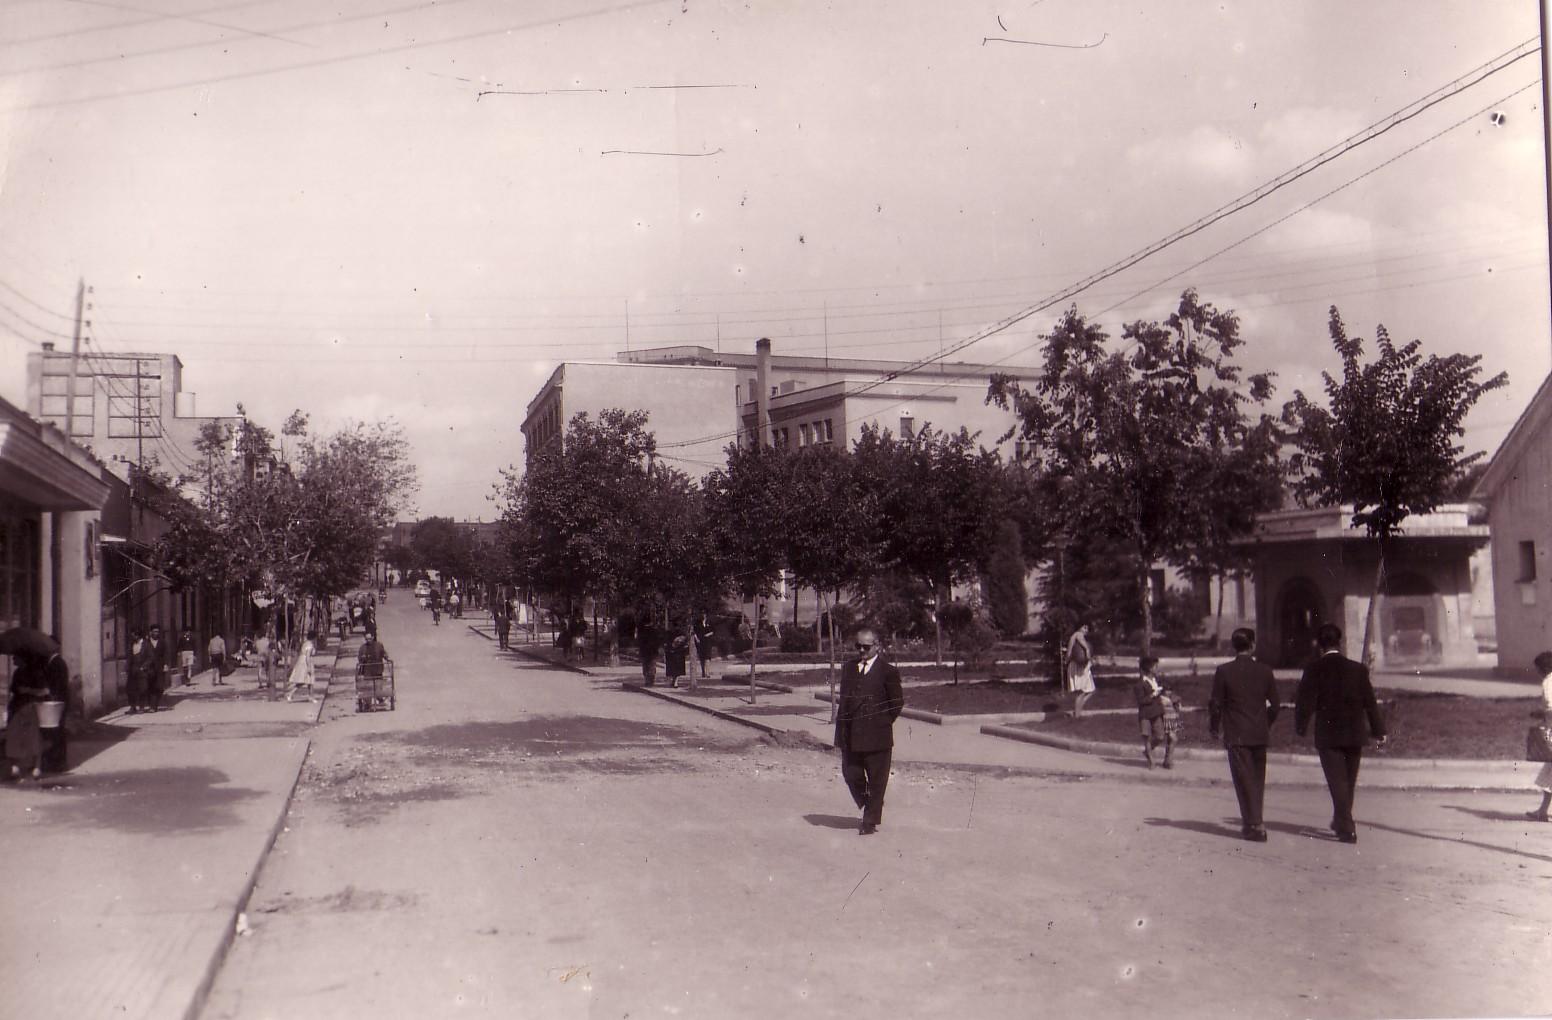 Avenida de los Mártires, a la derecha la fuente Calvo Sotelo y al final el Ambulatorio. Finales de los 60. Archivo F. Negrete